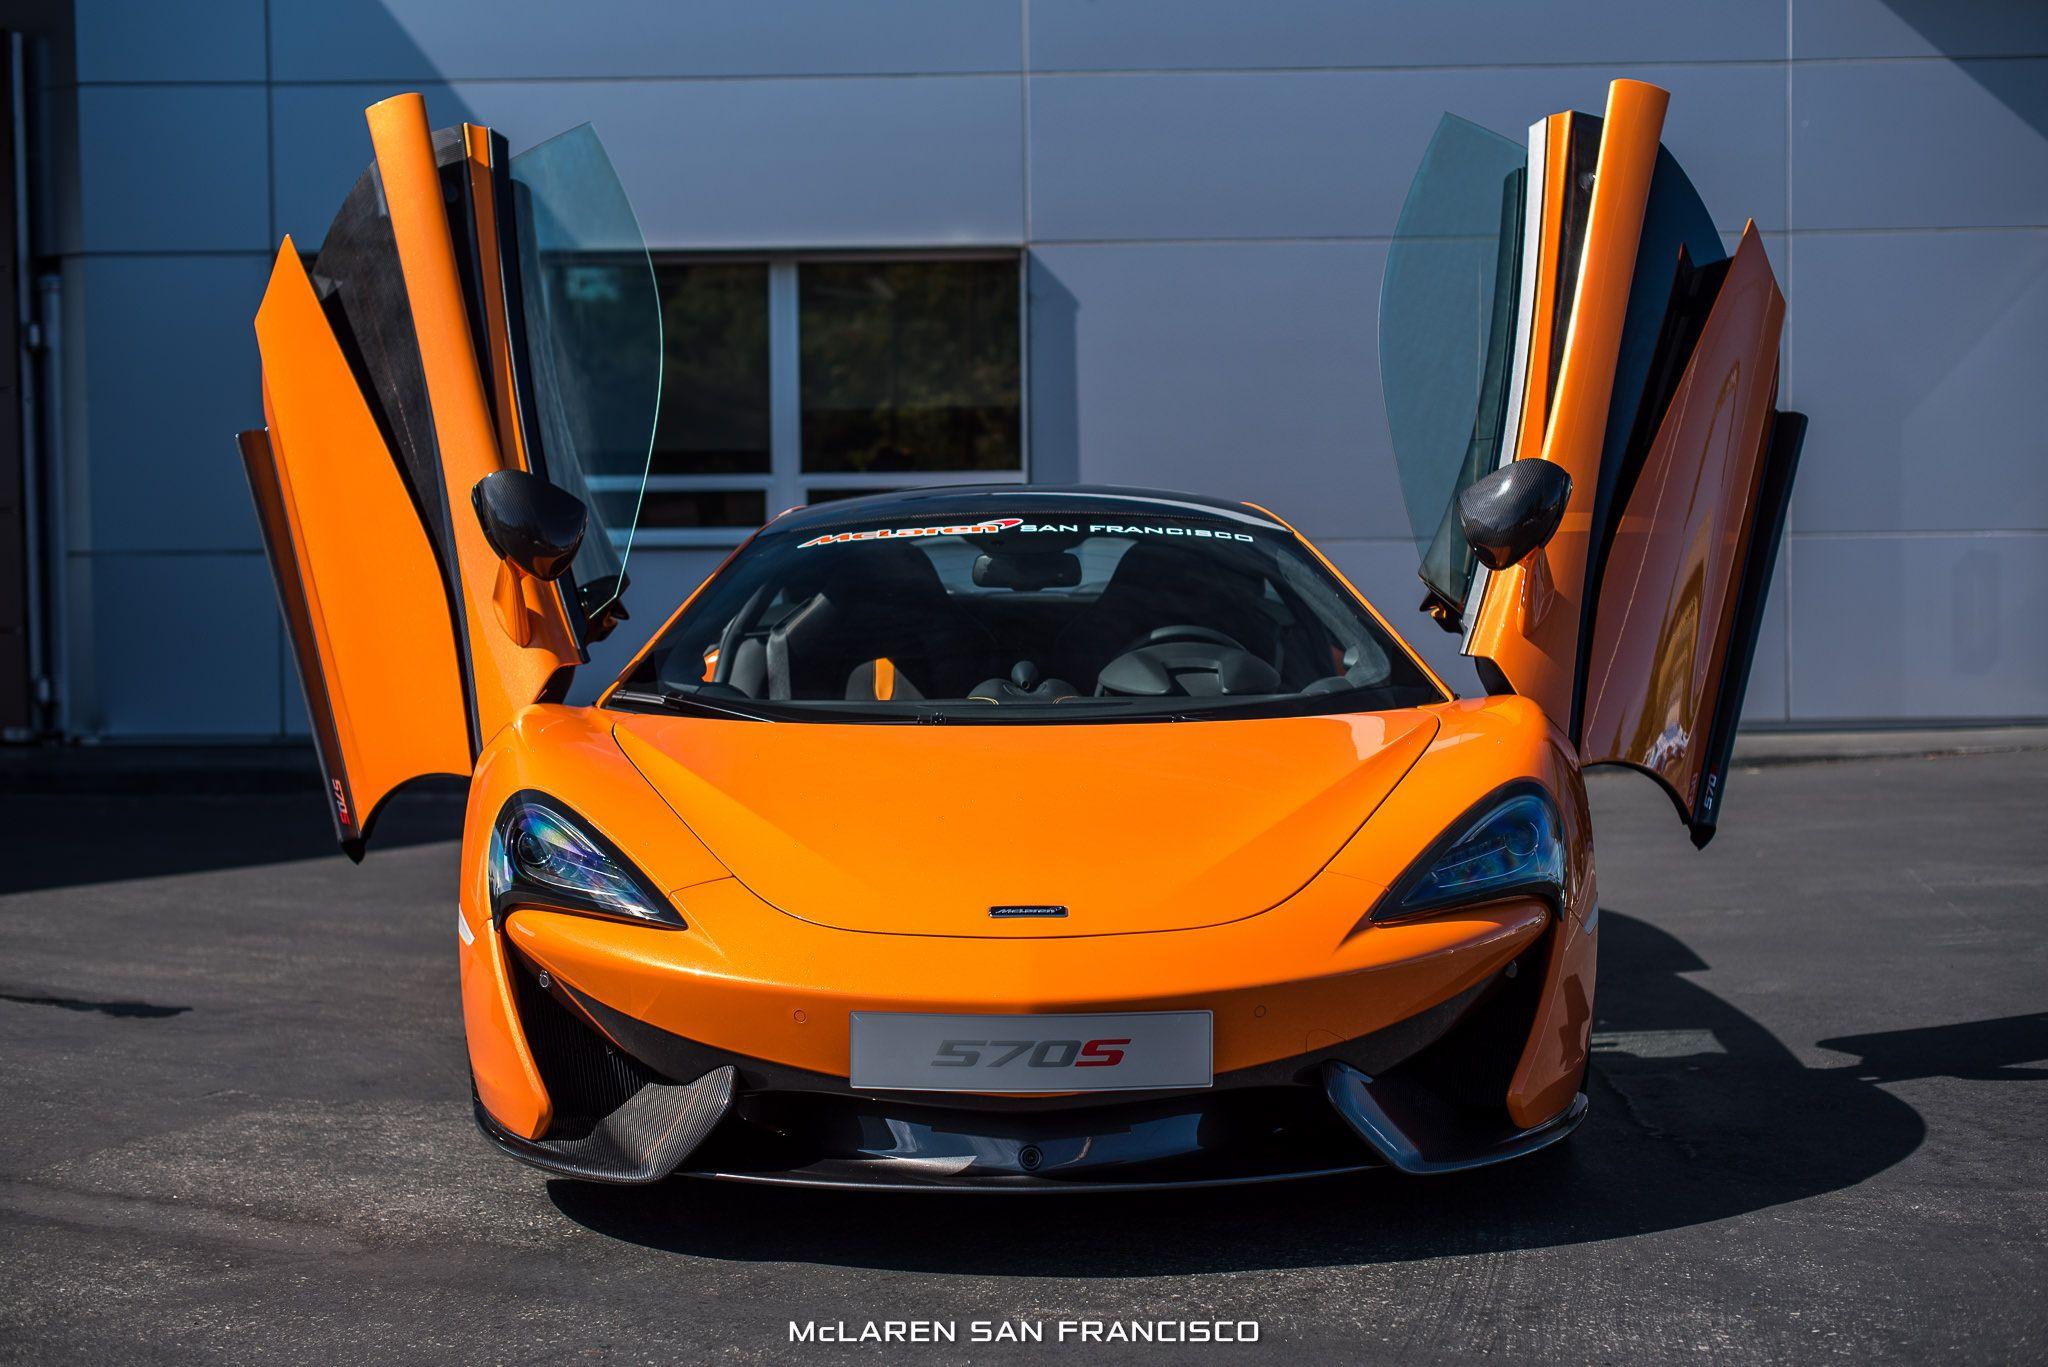 ventura orange mclaren 570s coupé by mso front view doors up - sssupersports.com & ventura orange mclaren 570s coupé by mso front view doors up ...